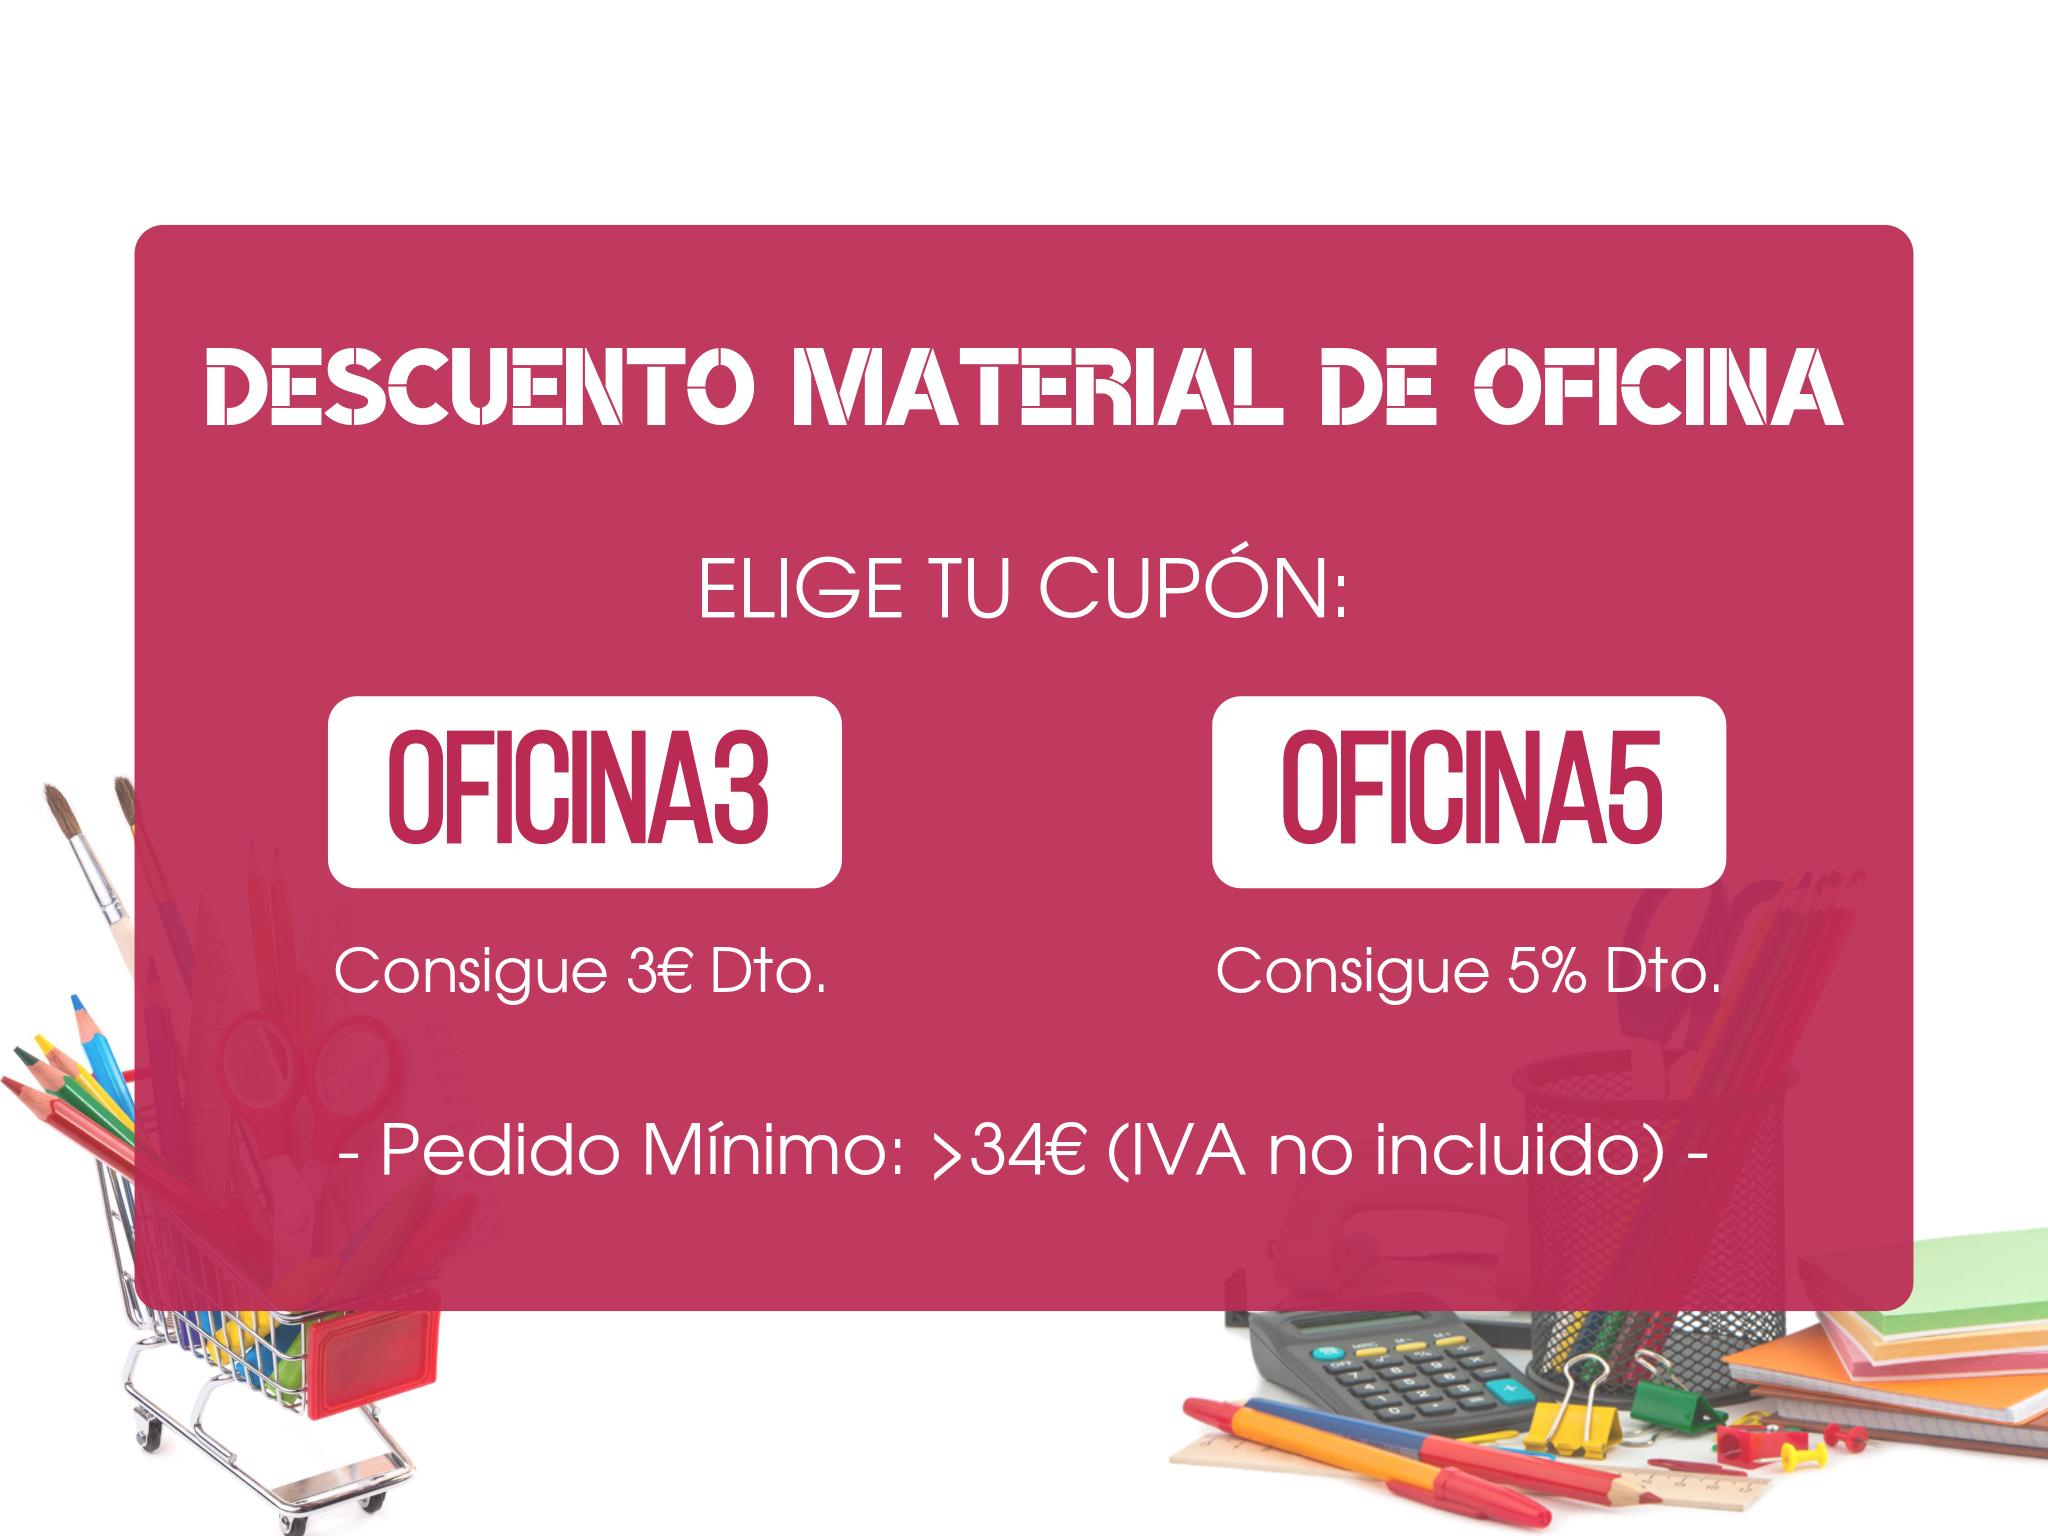 c6f1ad803ea5 Cupones Descuento Material de Oficina - 20milproductos Blog